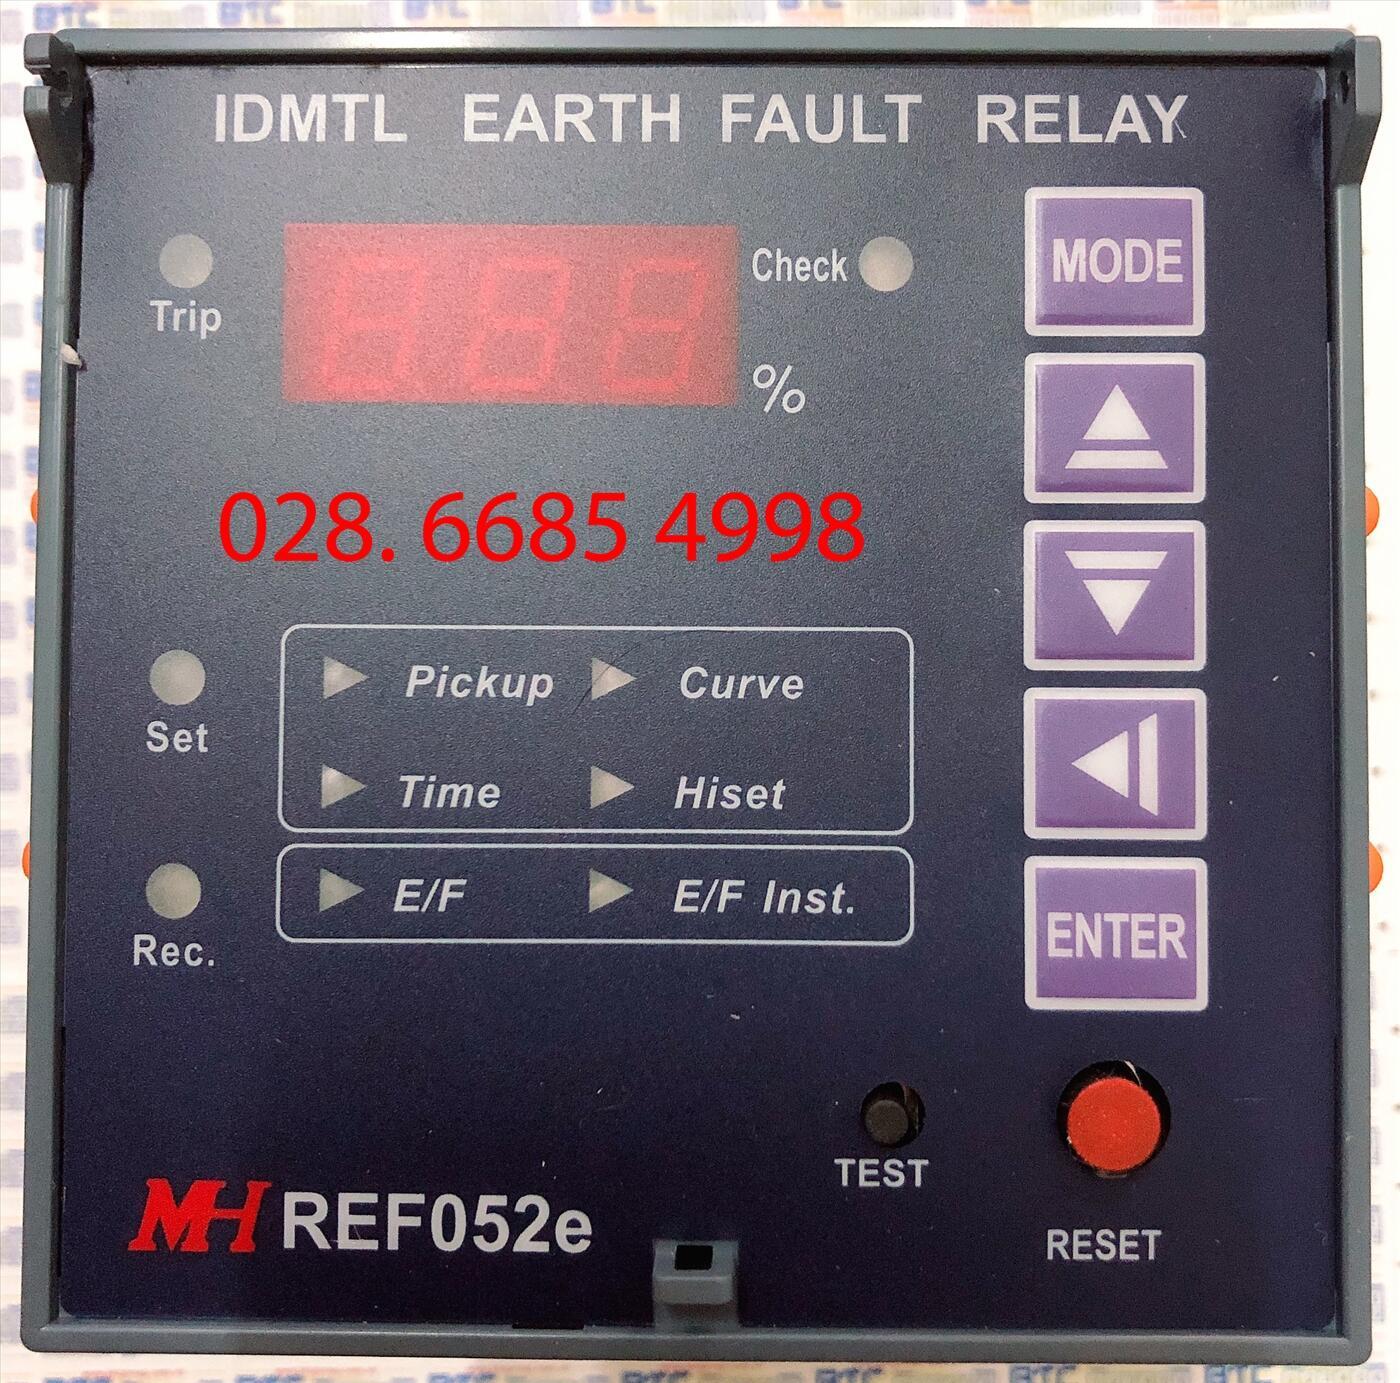 Relay REF052e